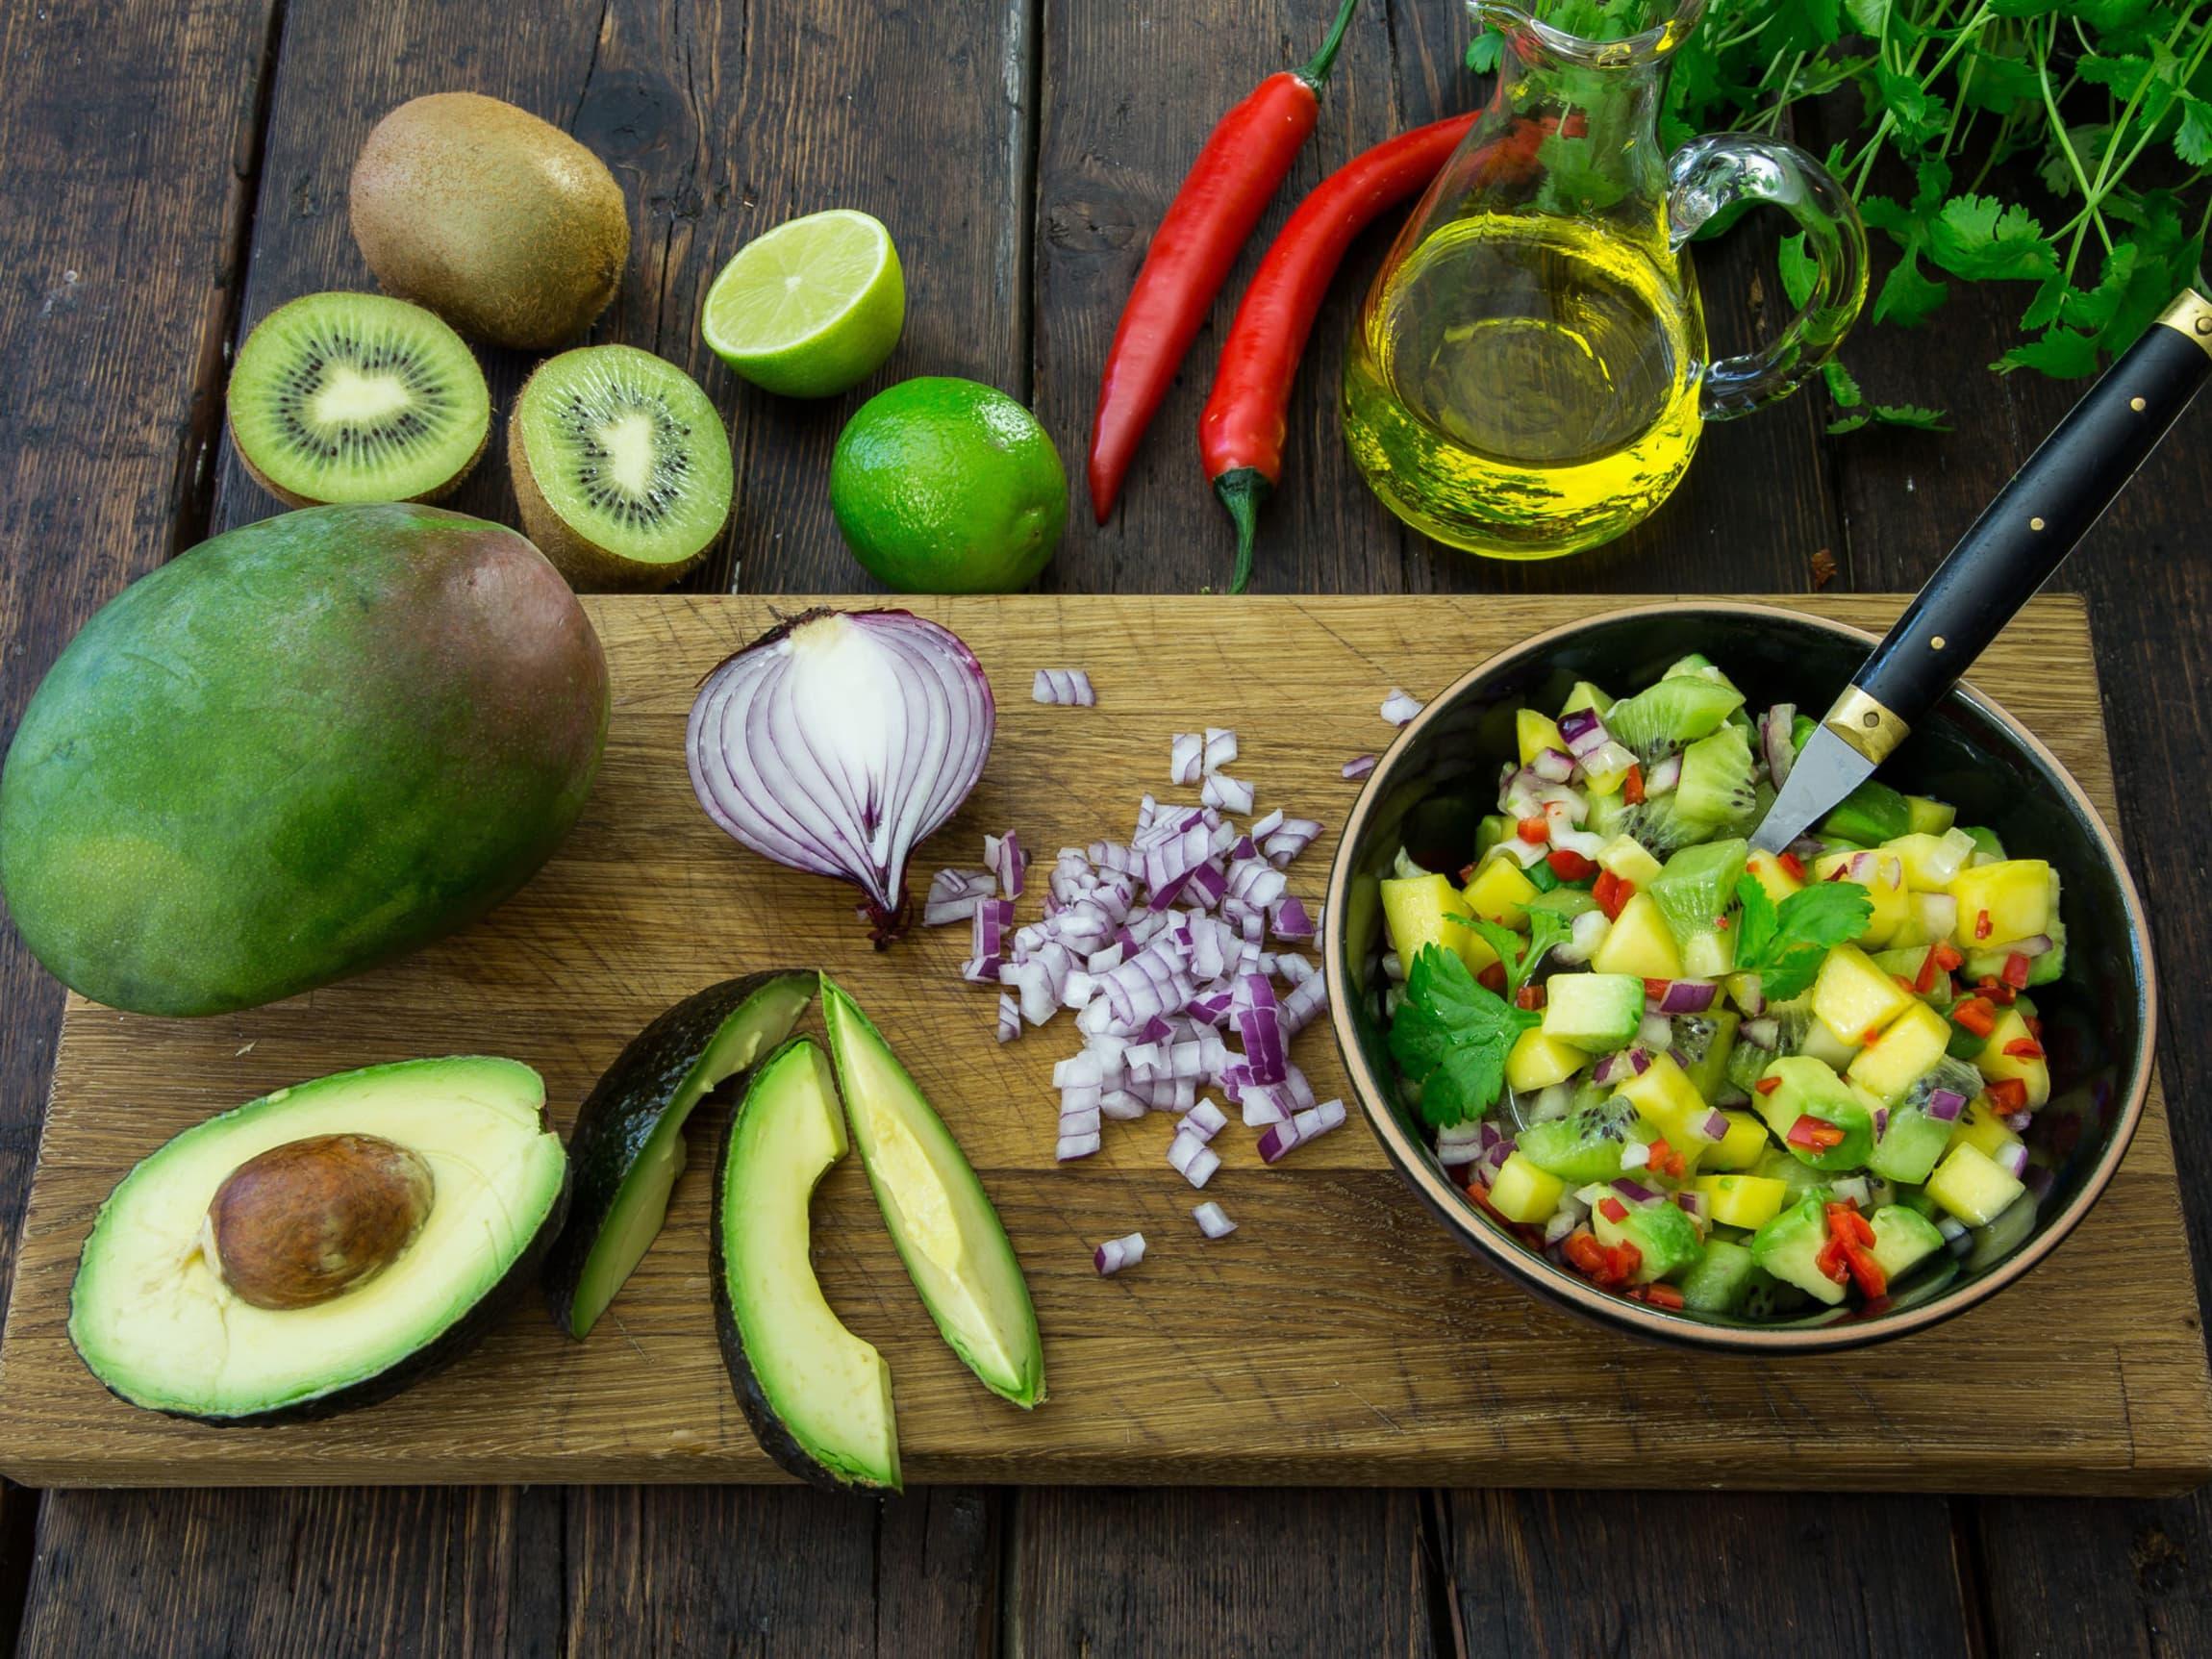 En god taco kan toppes med mye godt! Både mango, kiwi og ananas er frukt som passer spesielt godt til til taco.